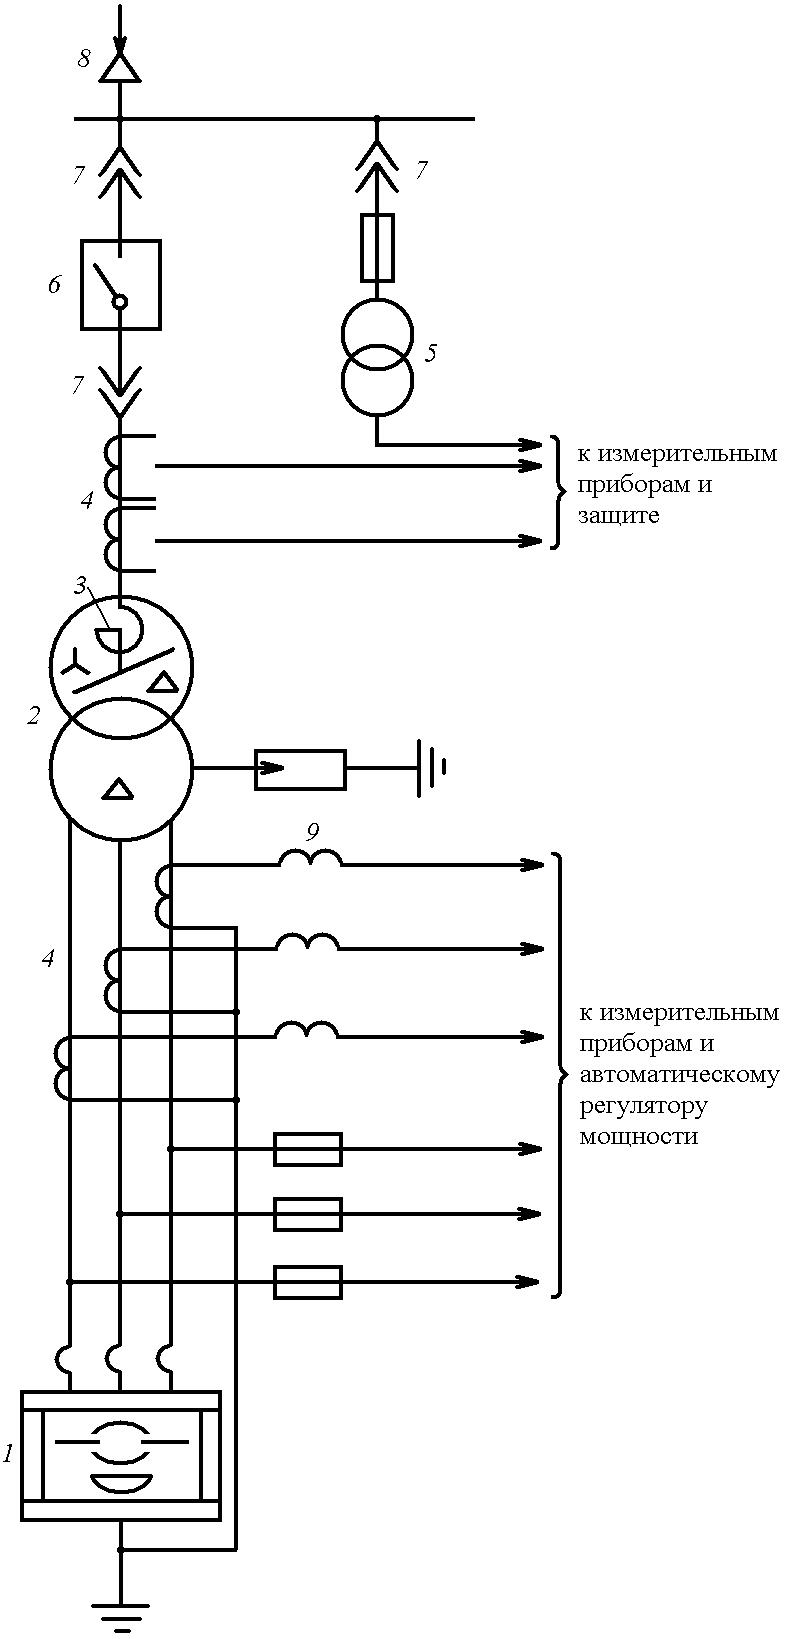 Короткая сеть в схемах питания дуговых сталеплавильных печей